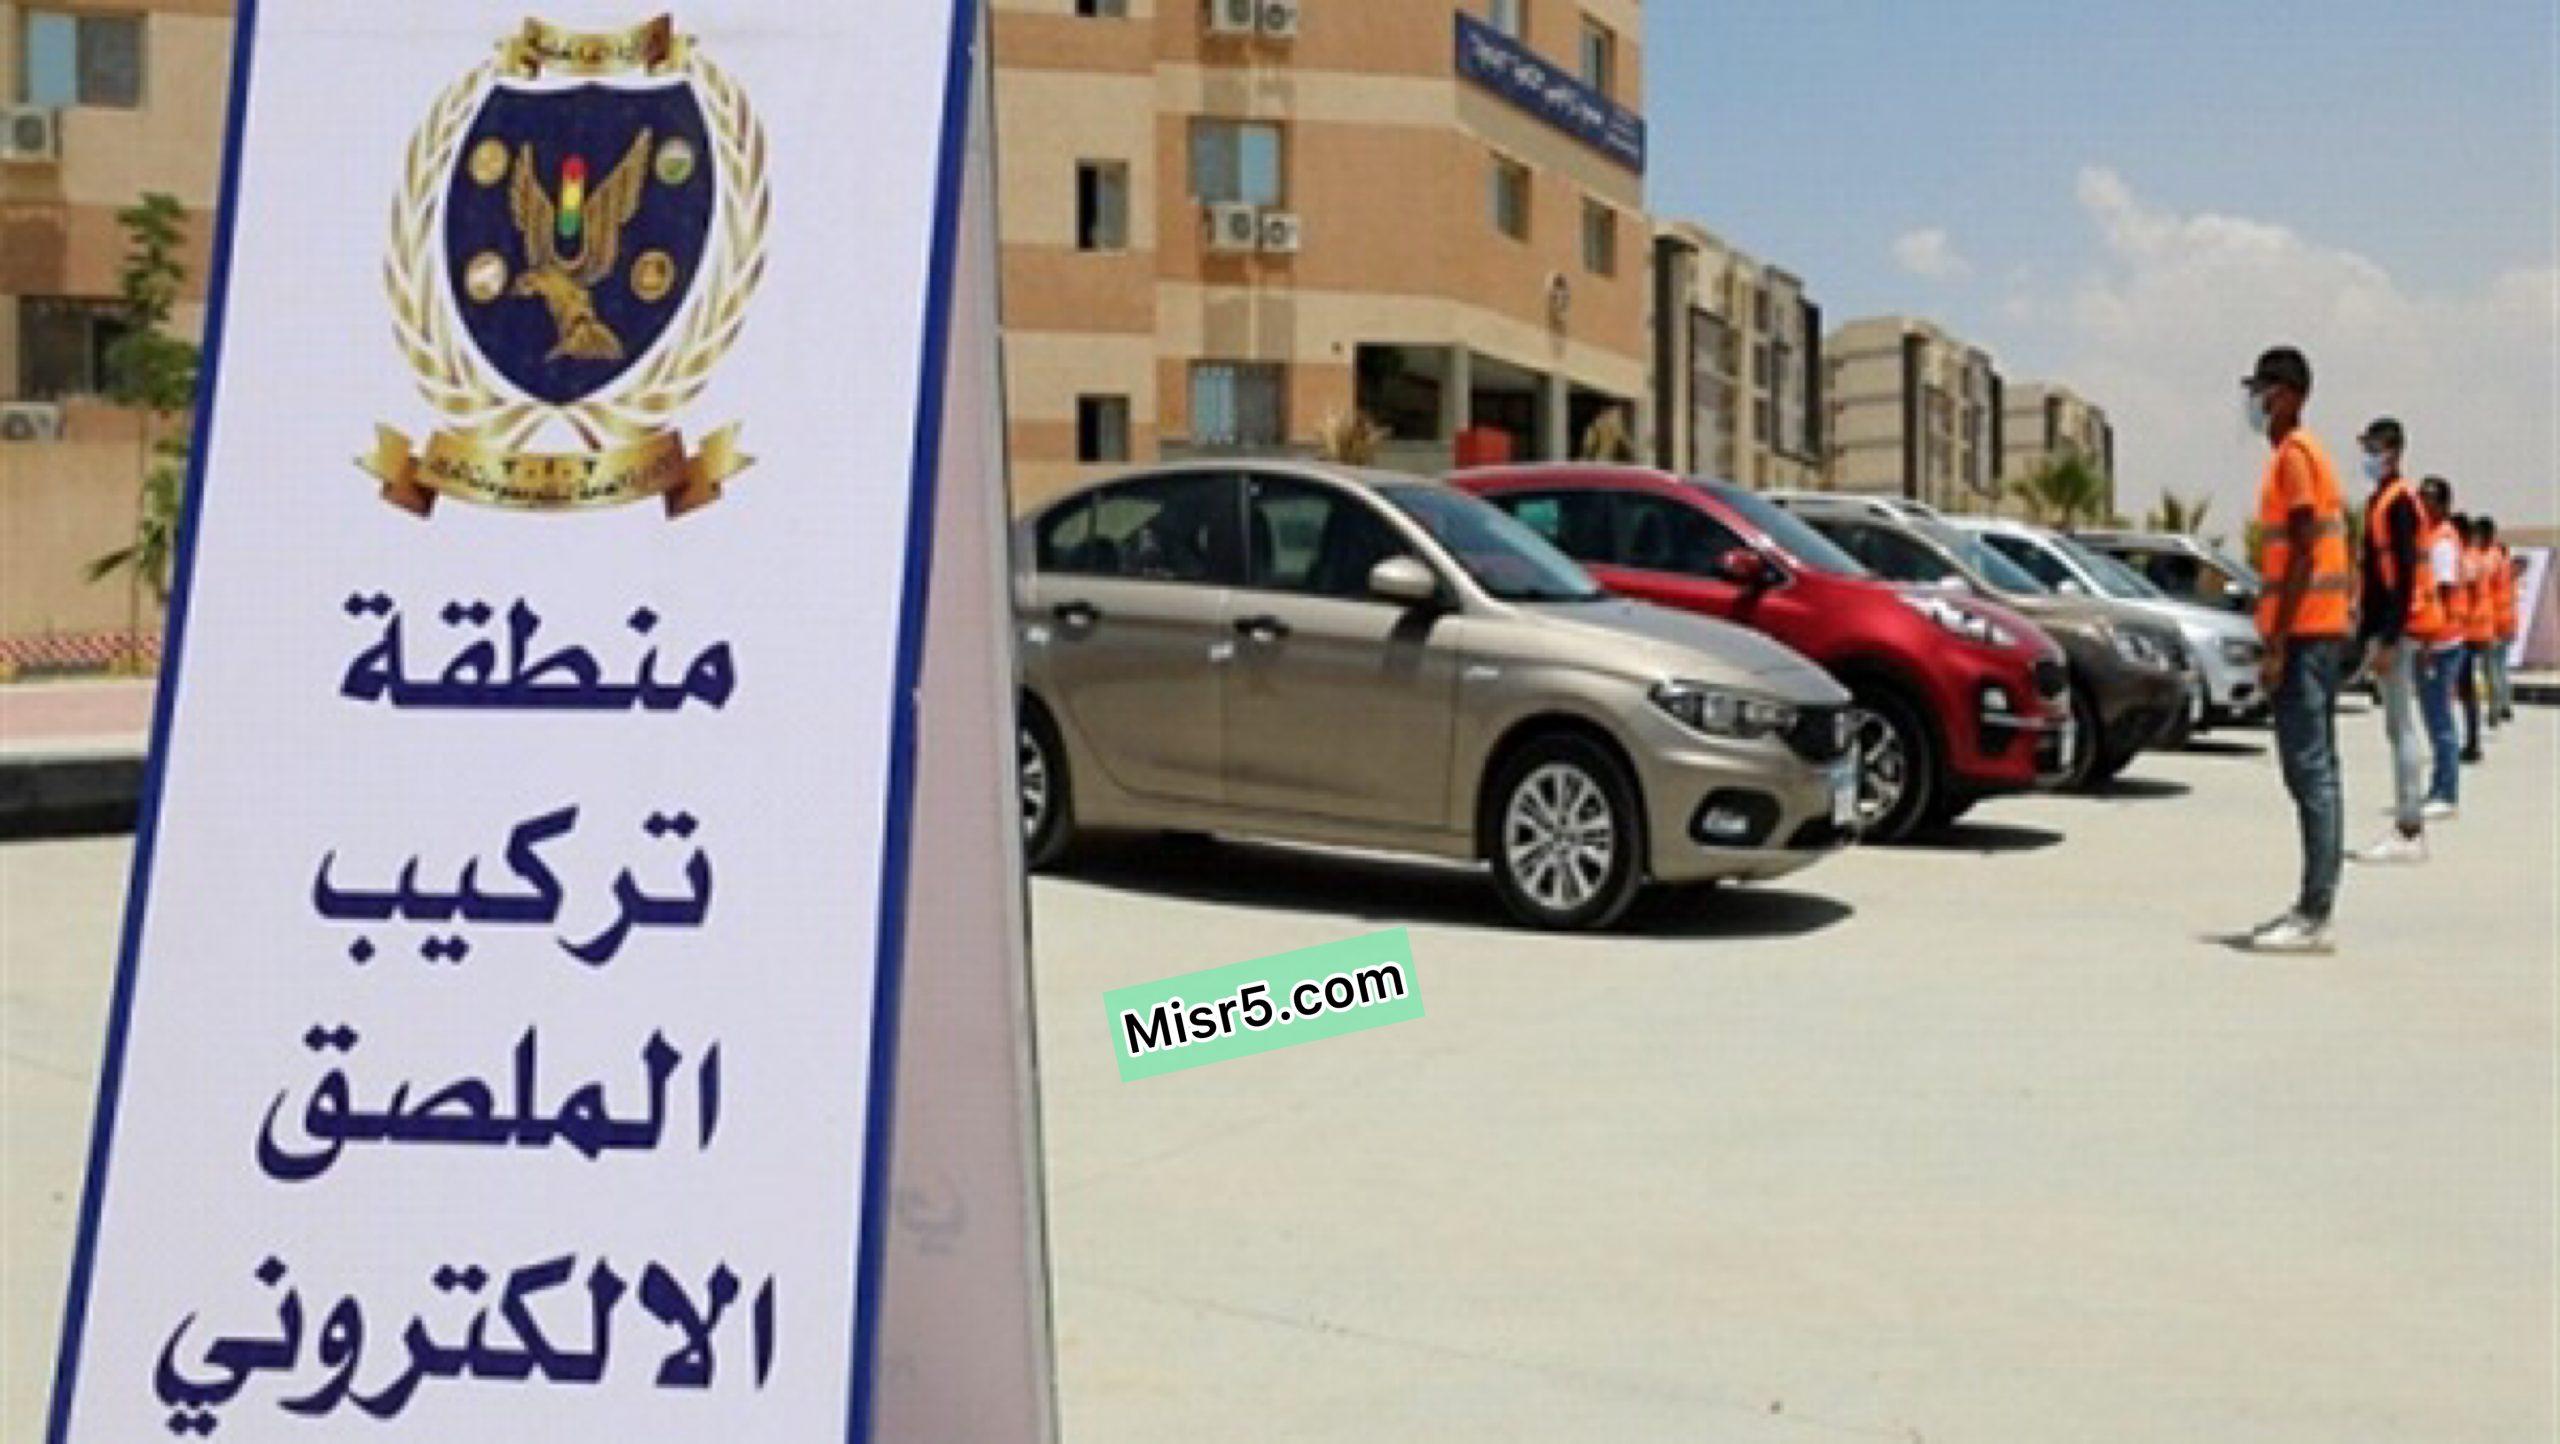 الداخلية تناشد المواطنين بضرورة التوجه لوحدات المرور لتركيب الملصق الإليكتروني